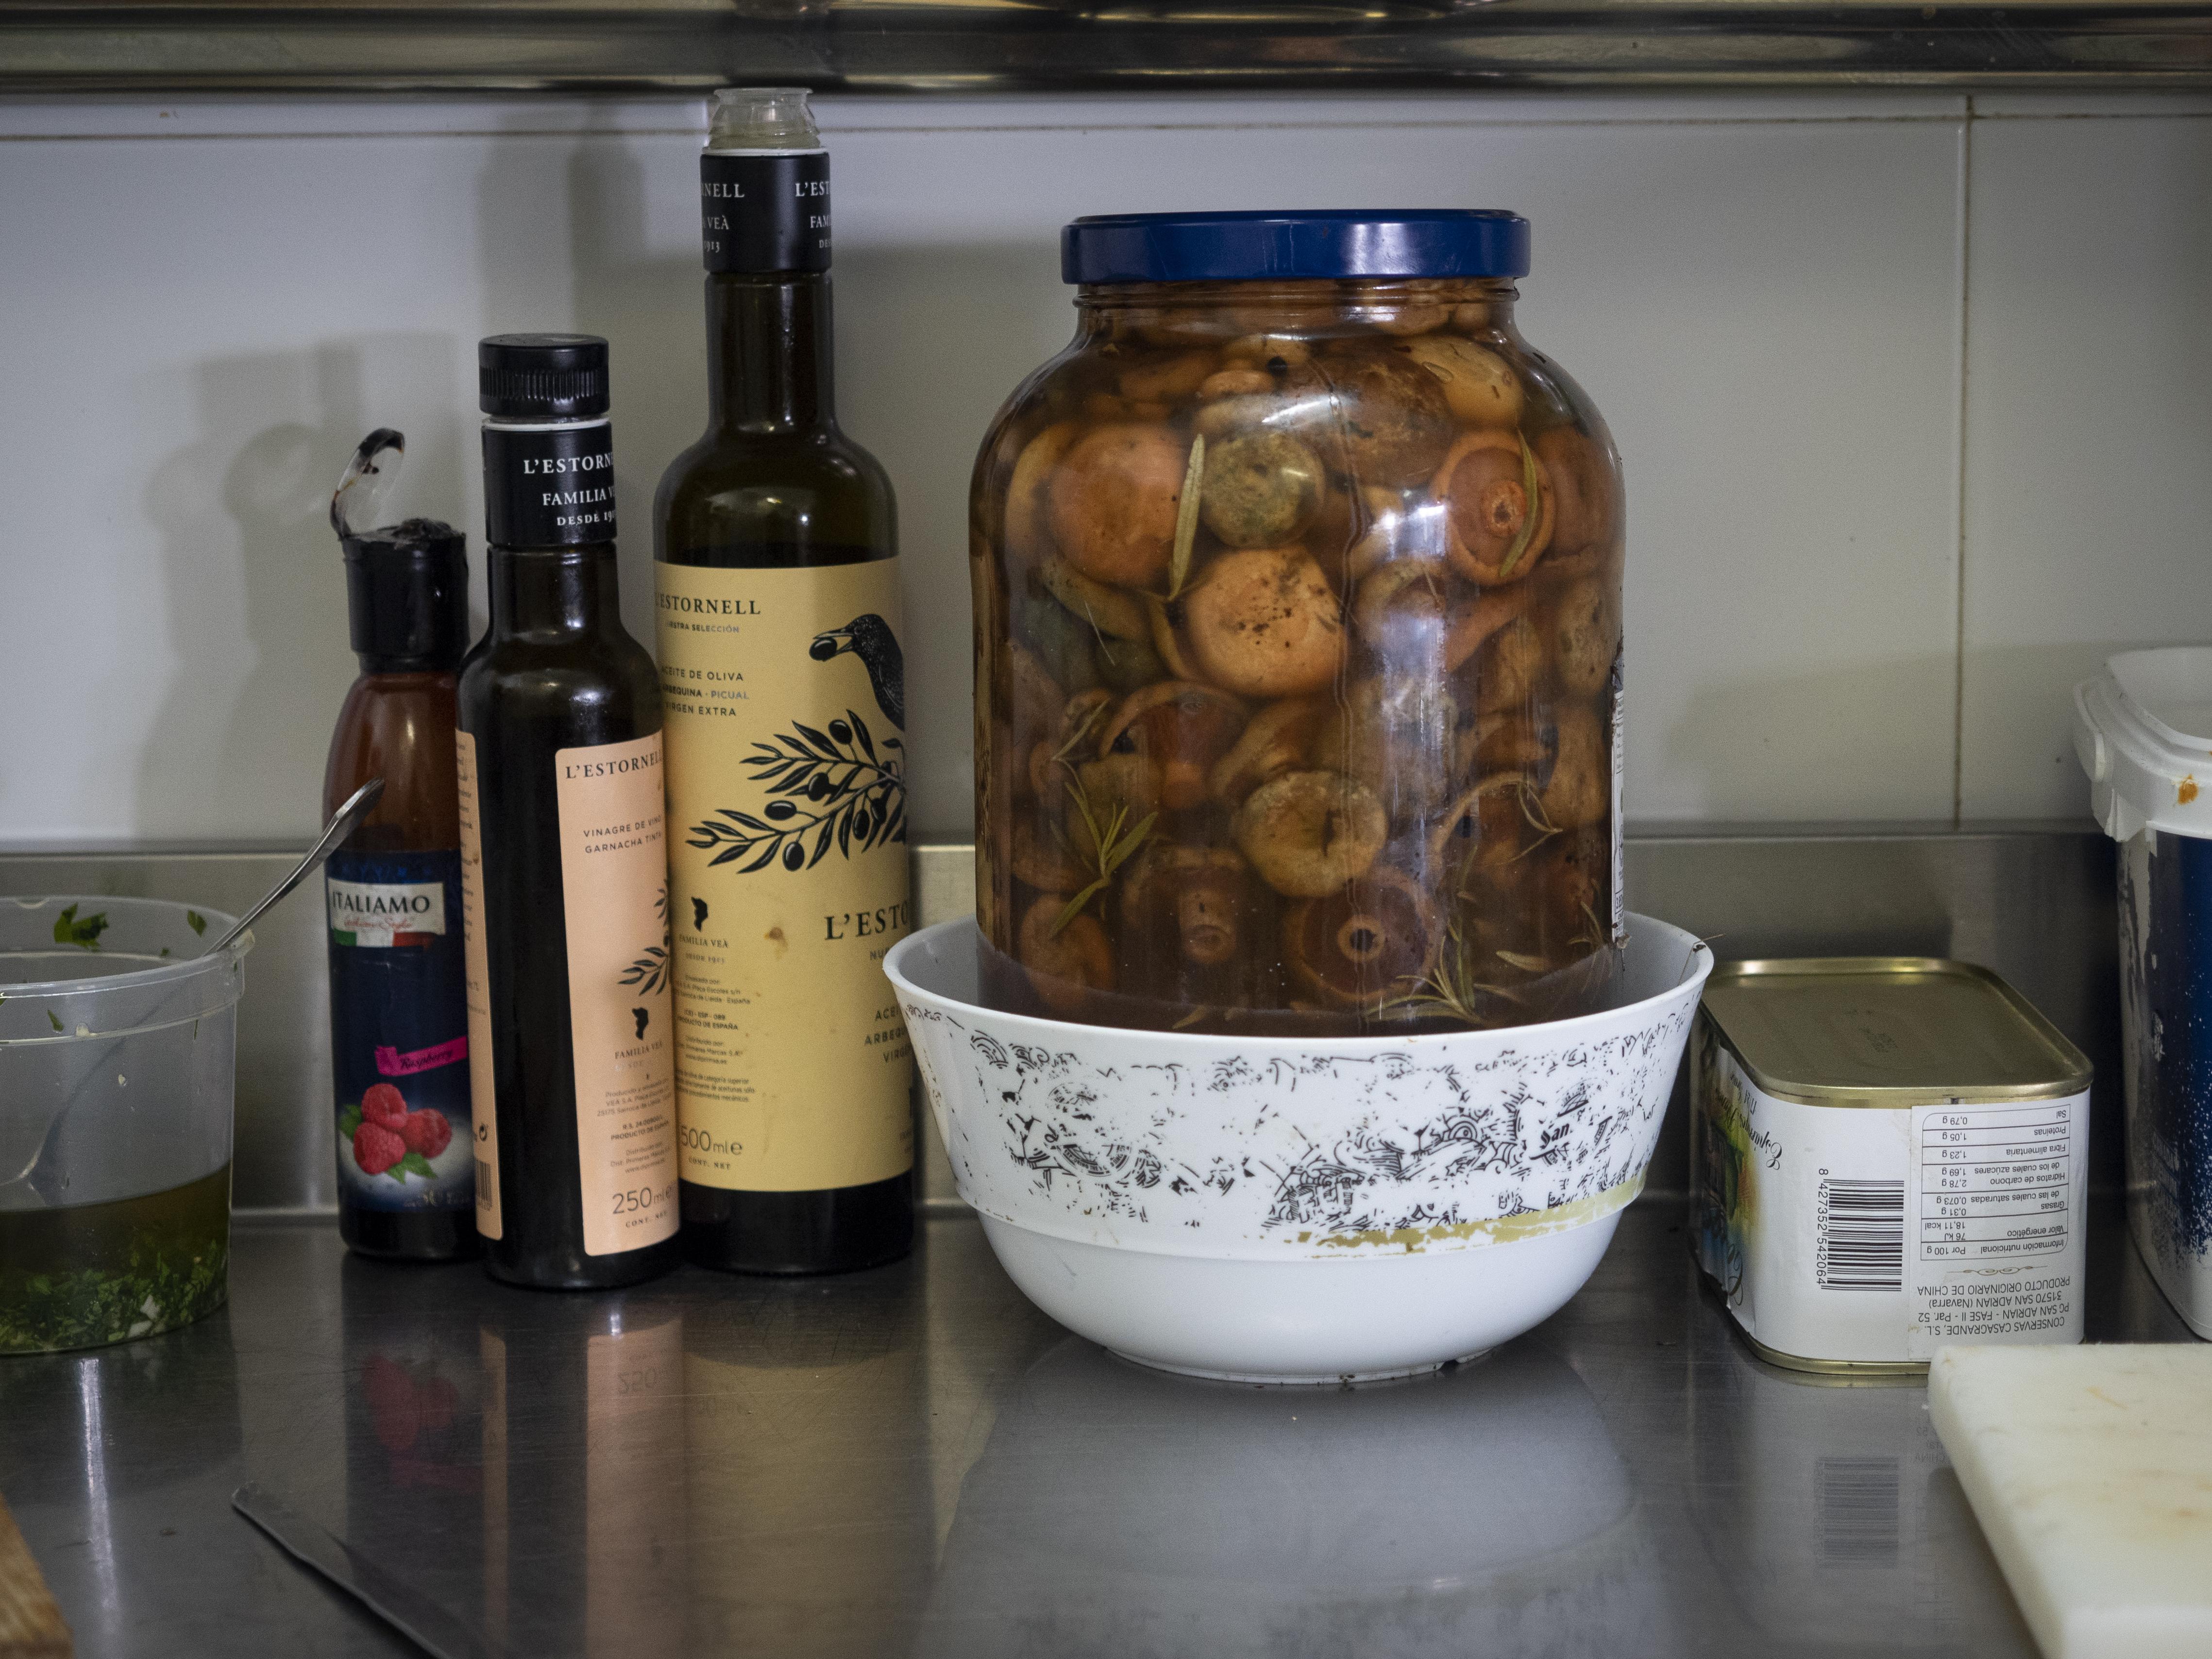 Les cuines del Berguedà treballen els bolets de maneres molt diverses. FOTO: Anna E. Puig